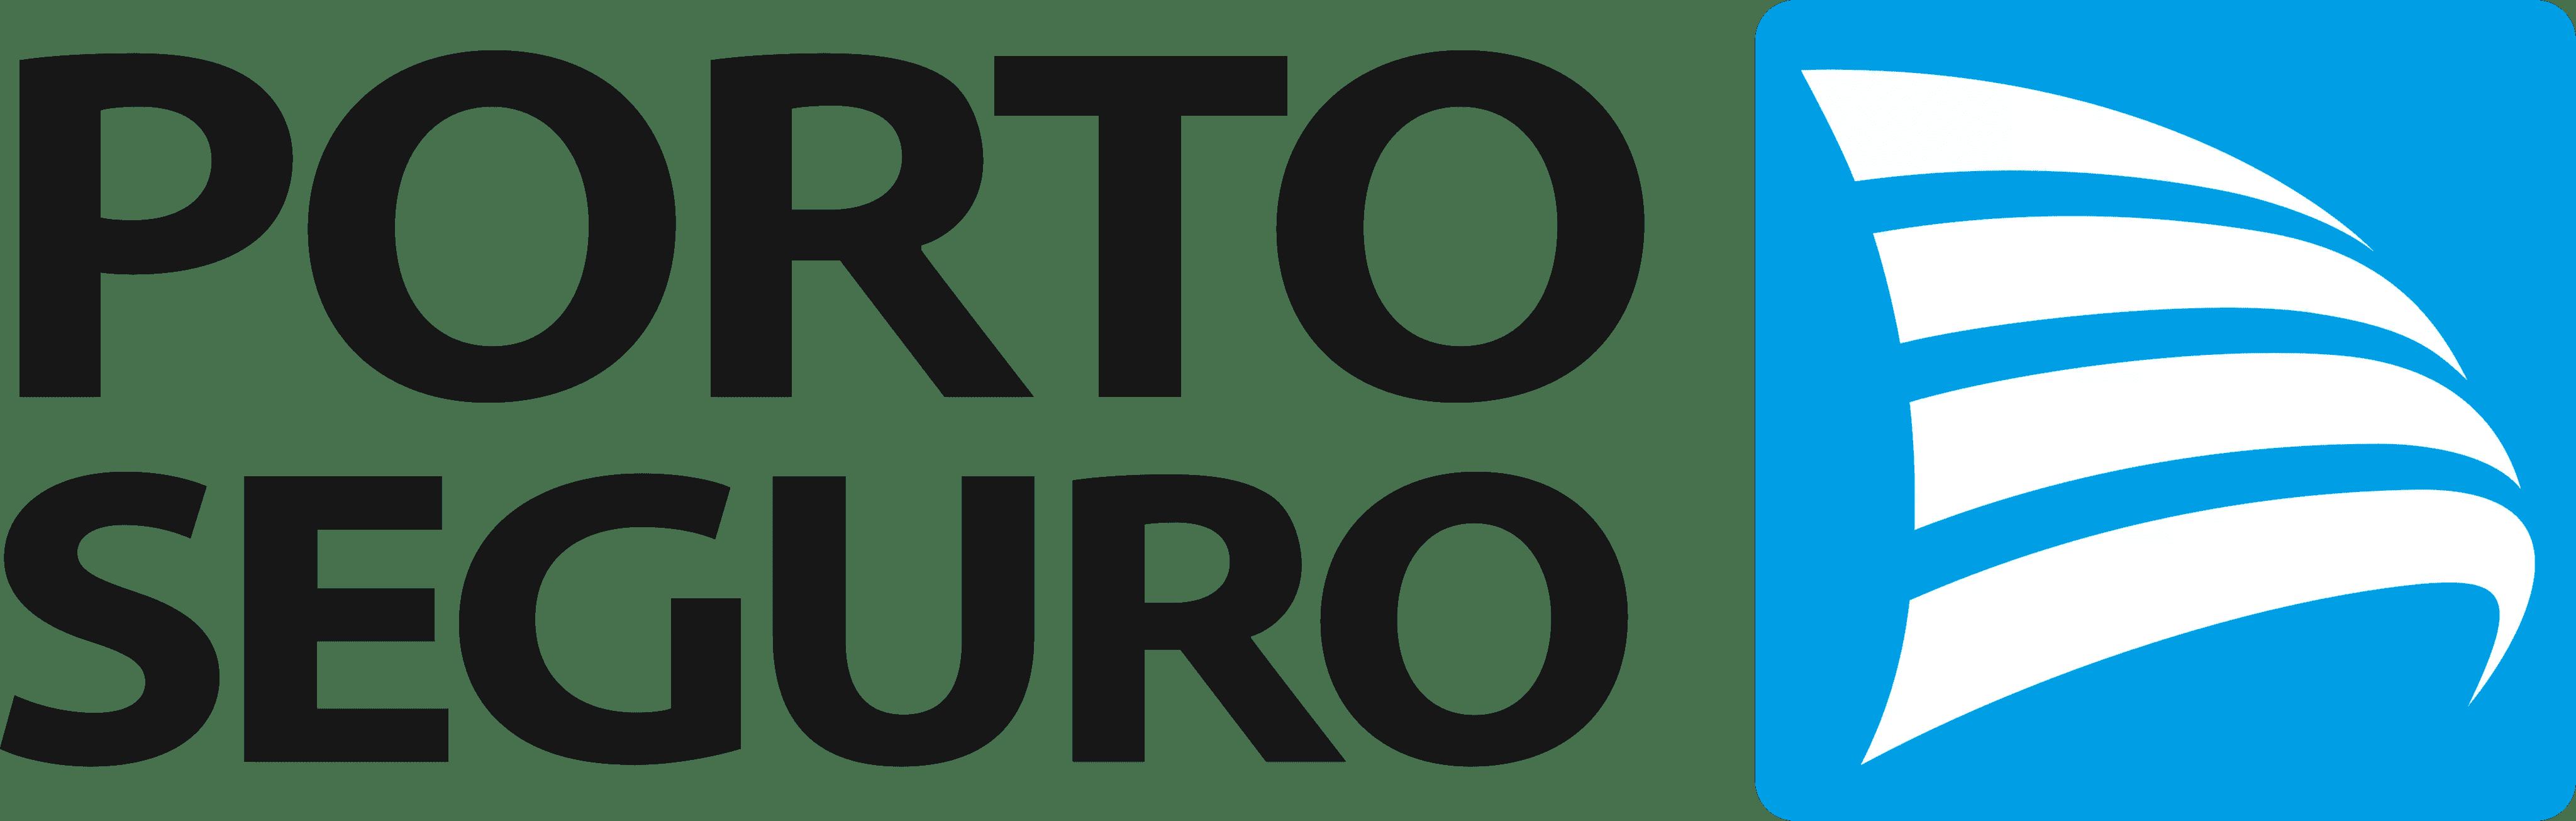 Porto Seguro - Seguros